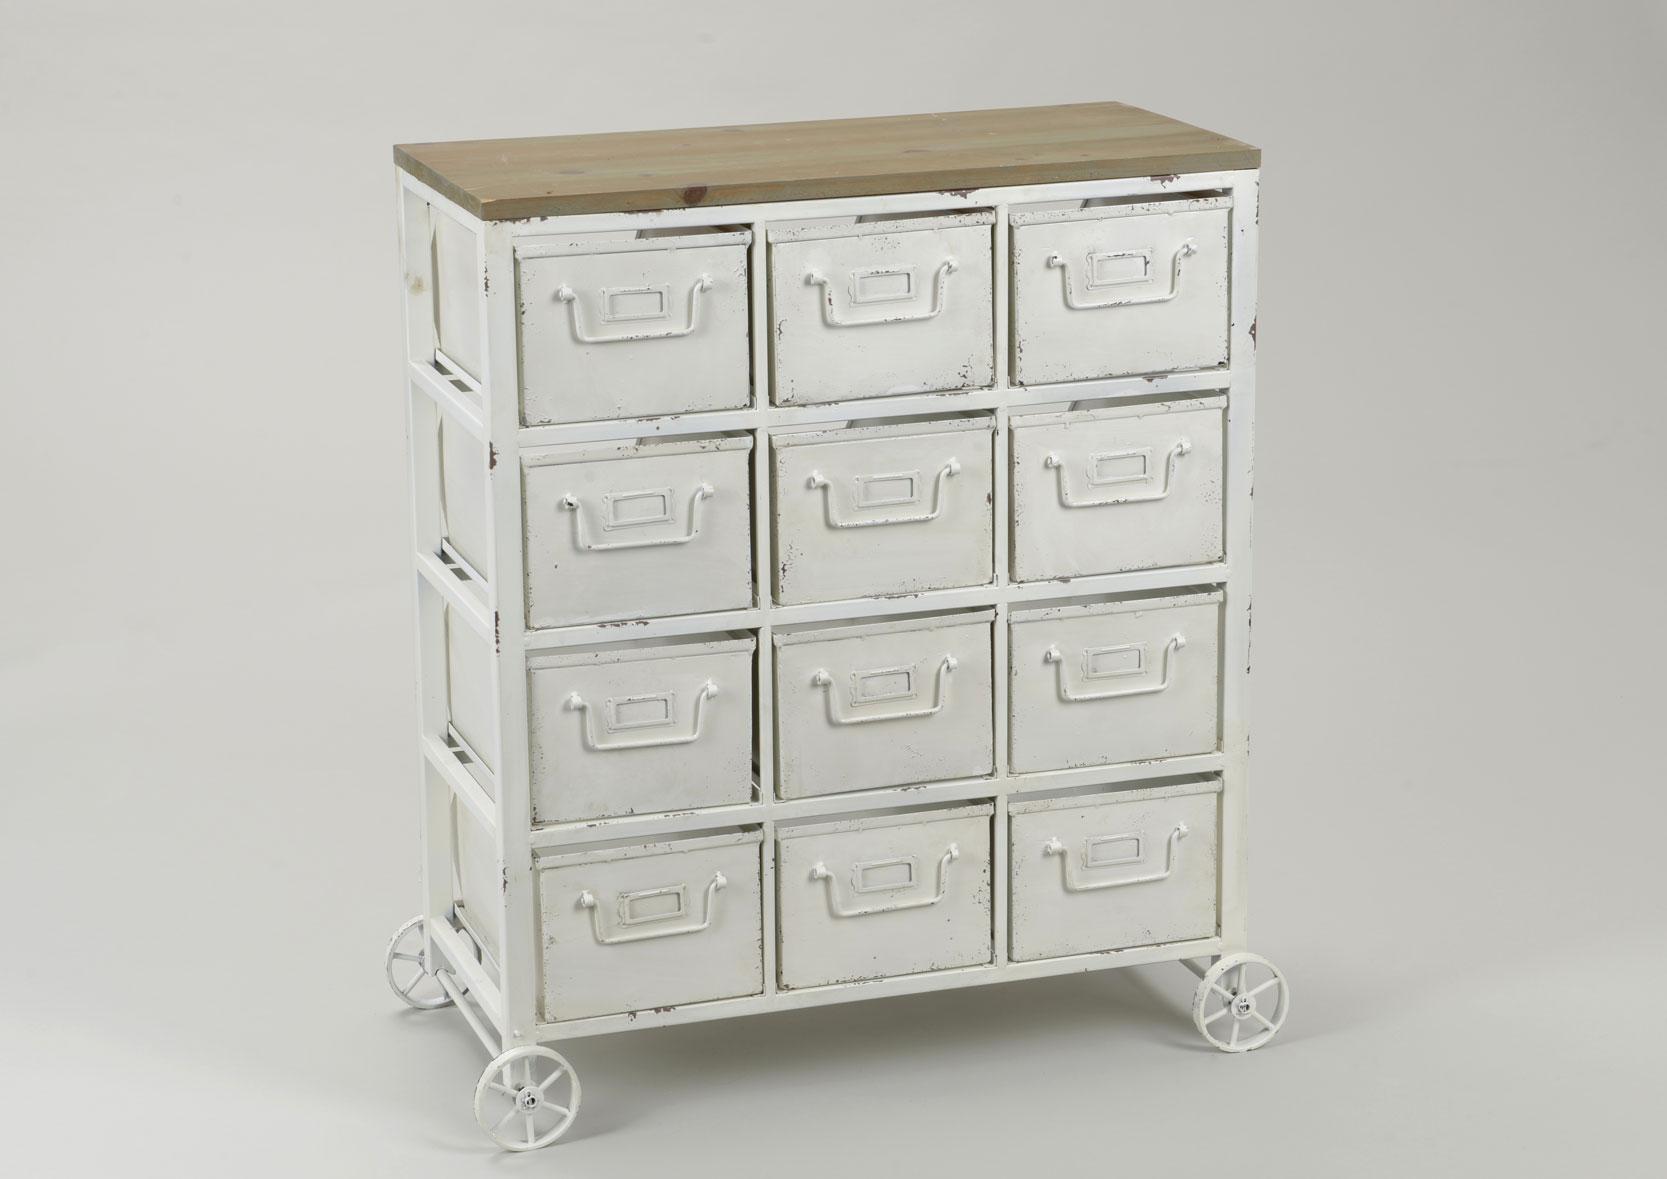 meuble bas roulette metal blanc meubles de design d 39 inspiration pour la. Black Bedroom Furniture Sets. Home Design Ideas